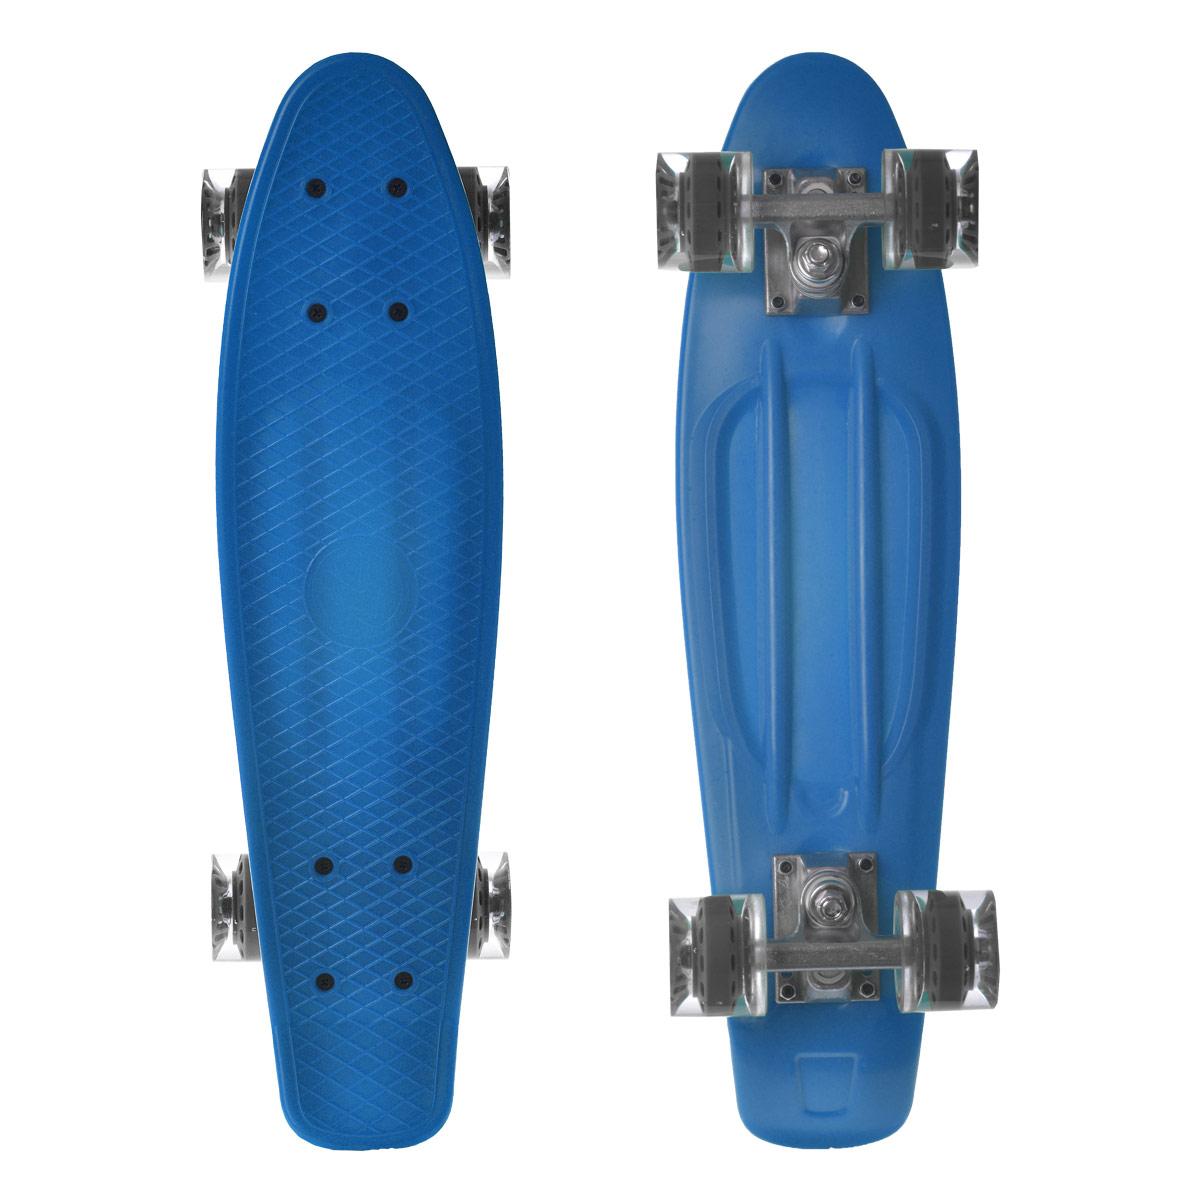 Скейтборд пластиковый  Larsen , цвет: синий, 55 см х 15 см. BKA0020E - Скейтборды и пенни борды